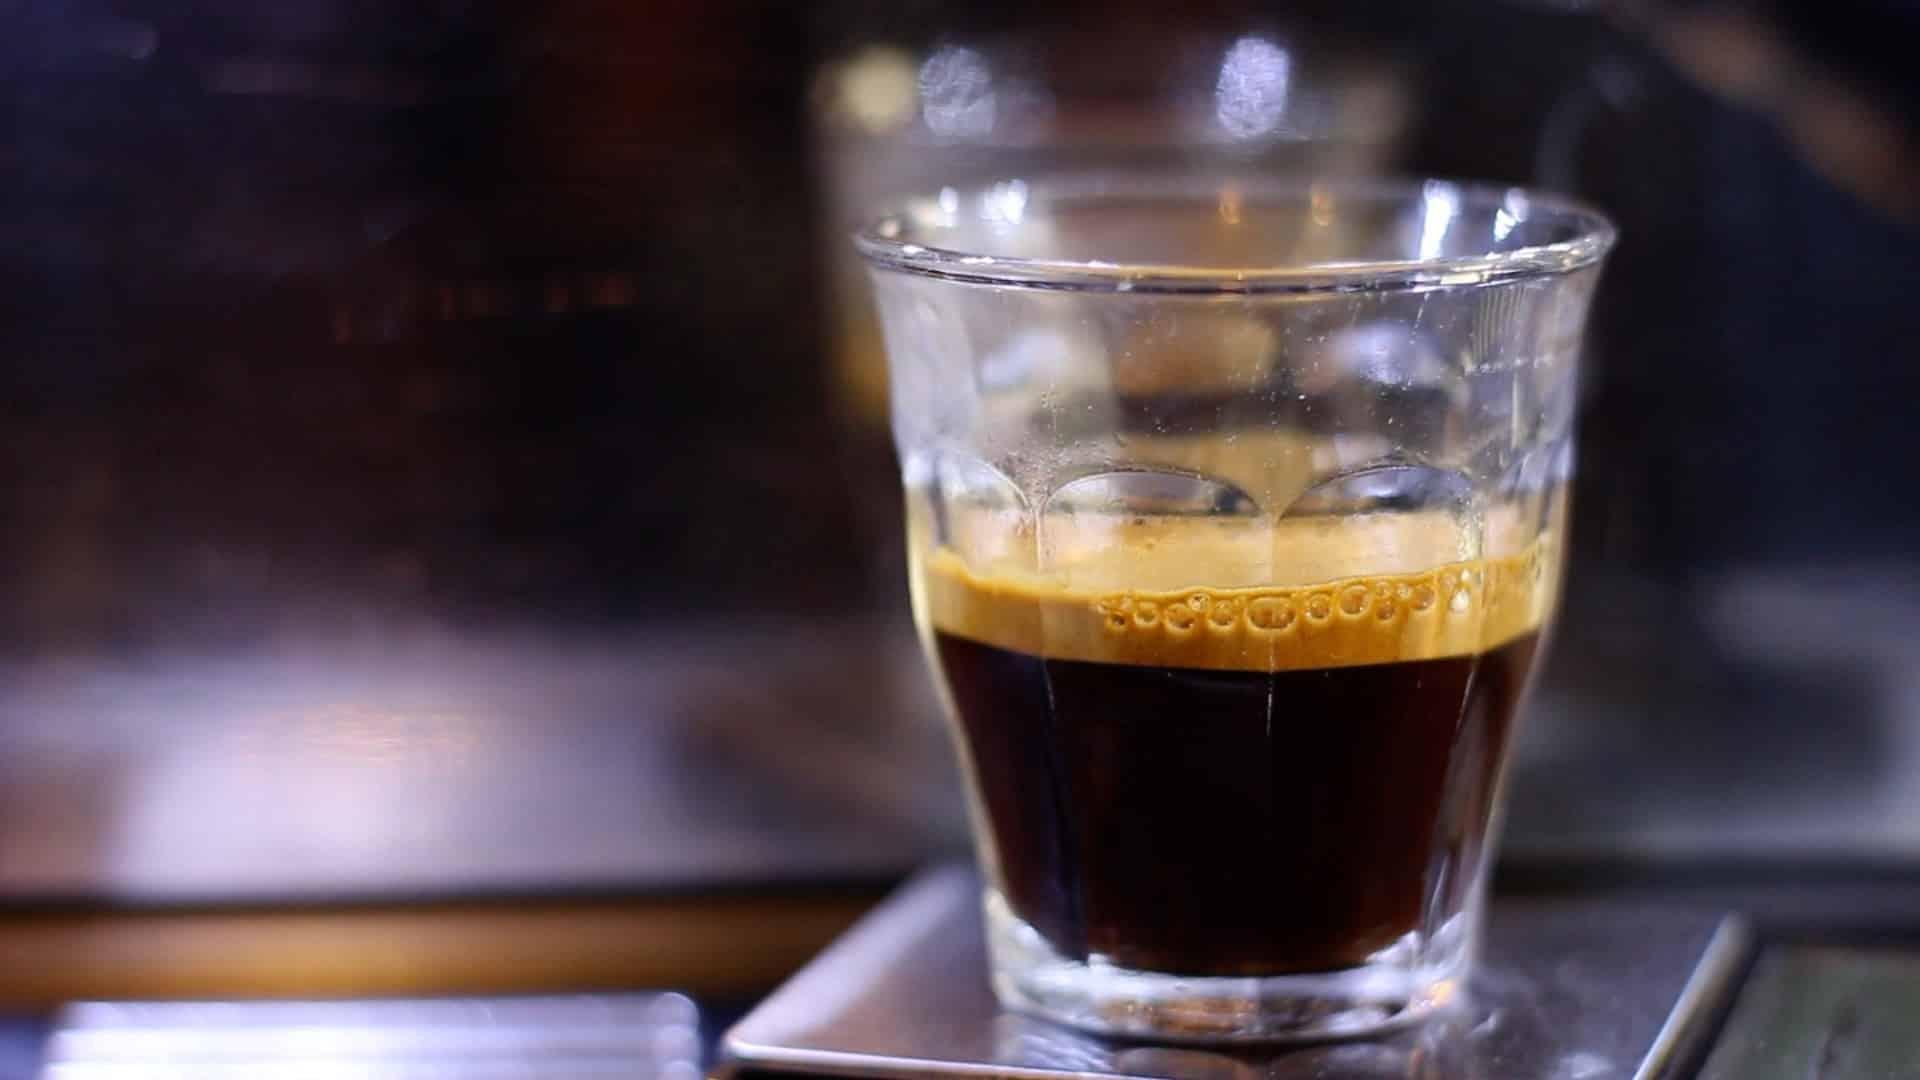 Crema na kawie: to znak jakości kawy?